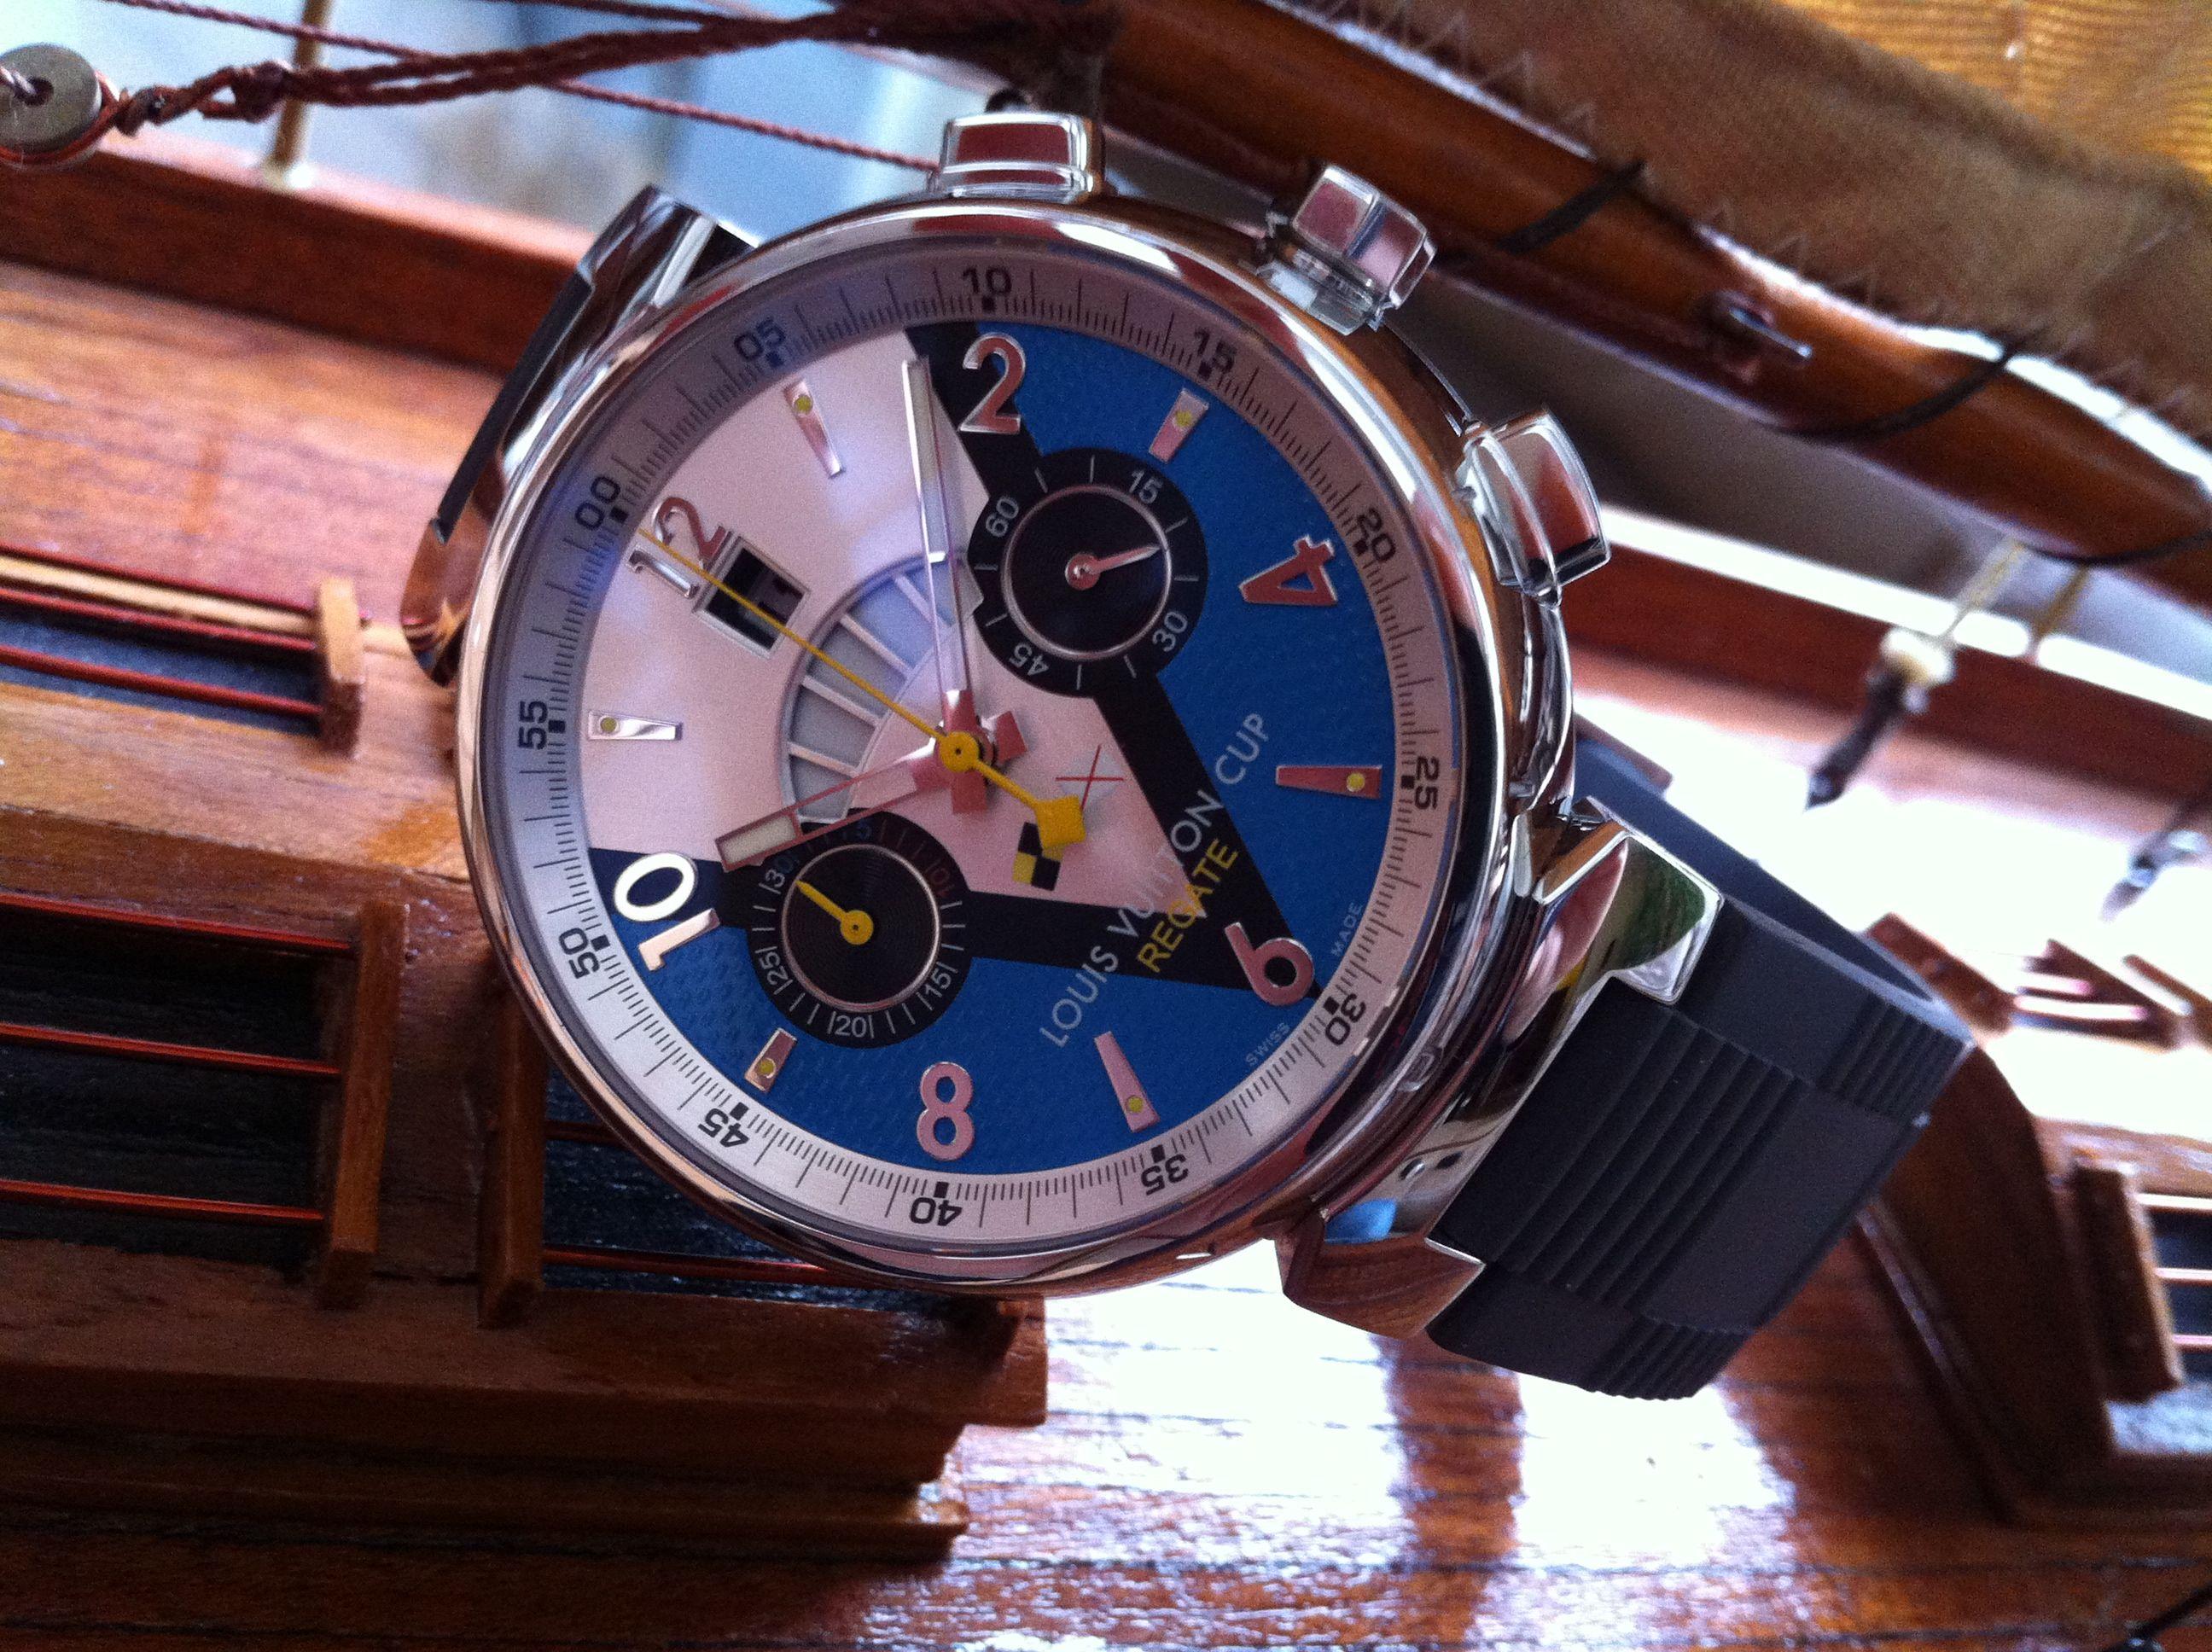 Tambour Louis Vuitton Cup Régate chronograph - Movement Dubois-Dépraz LV171 - 2007